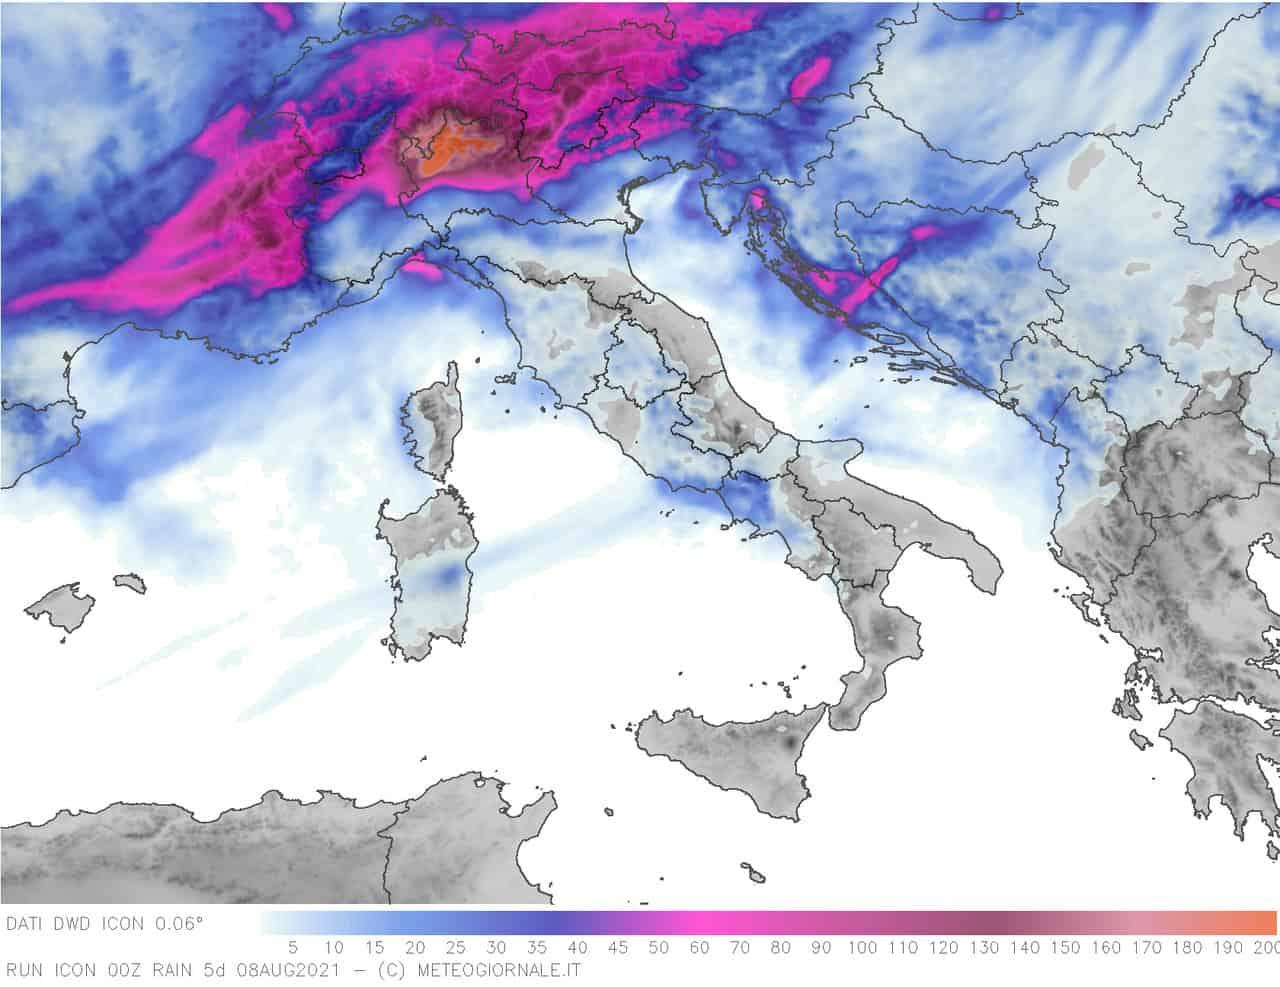 pcp og grey5d 120 - Meteo Italia: nuova raffica di temporali di forte intensità. Rischio grandine